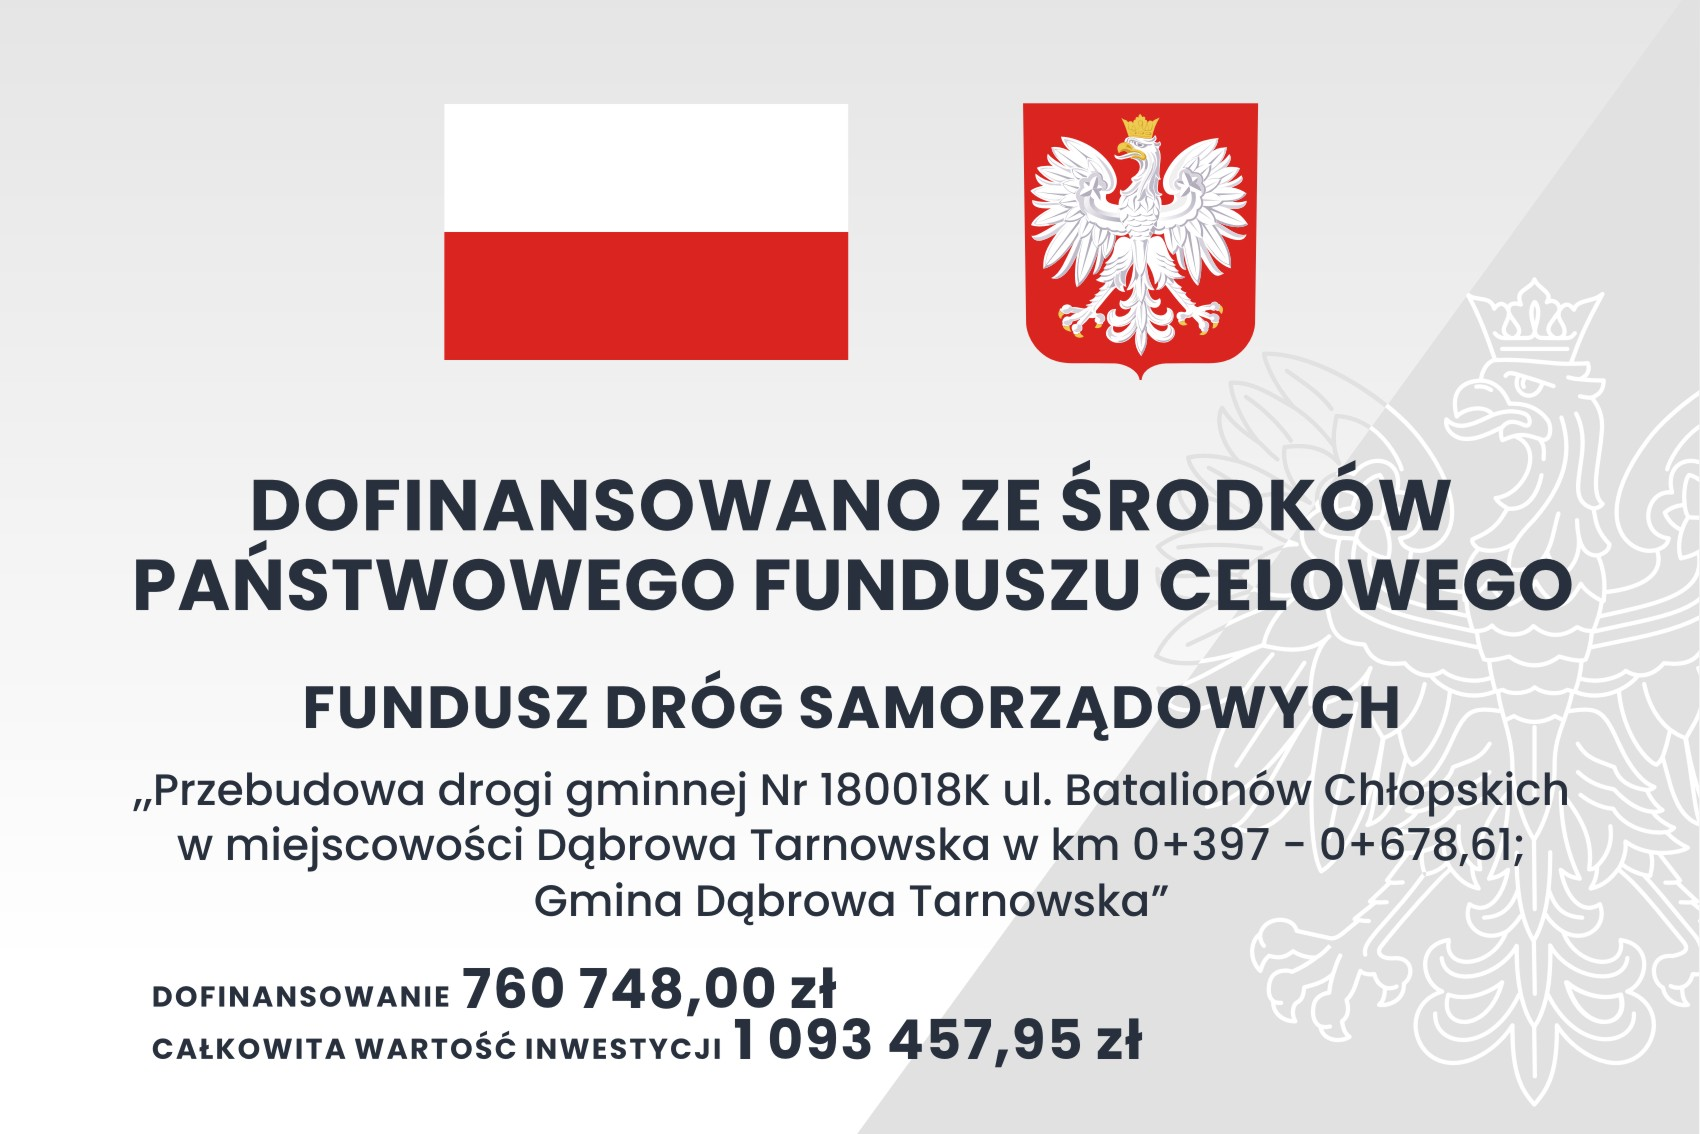 tablica3 FDS 2szt <cent />Fundusz Dróg Samorządowych<br>w Gminie Dąbrowa Tarnowska</center>